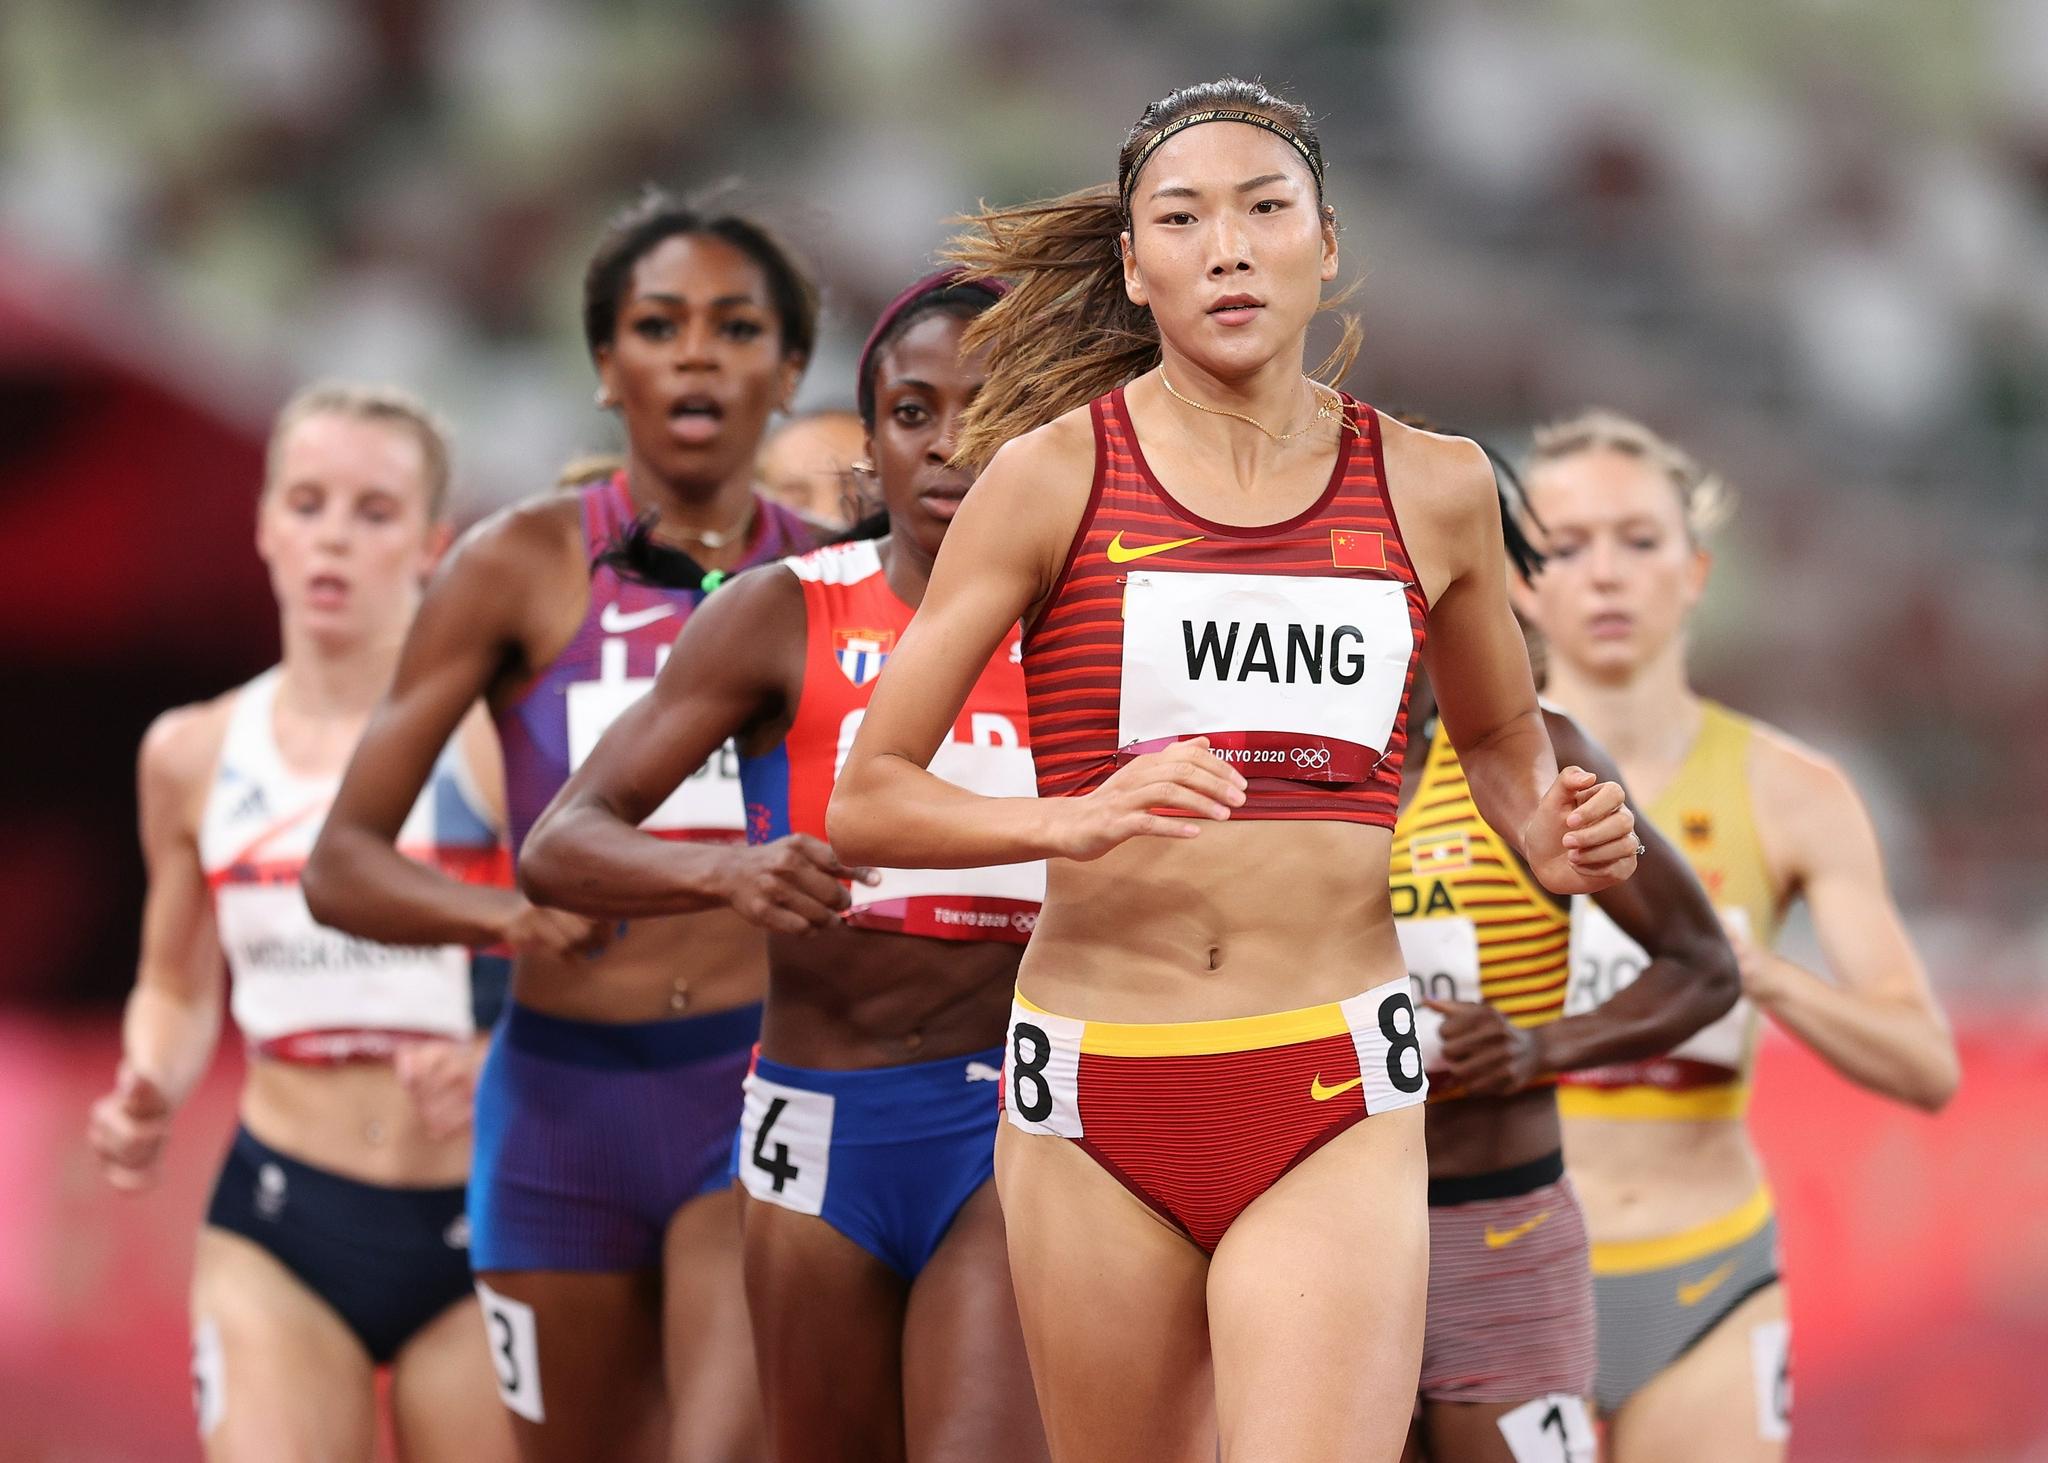 历史第一人!王春雨闯入女子800米决赛:谁说黄皮肤不行